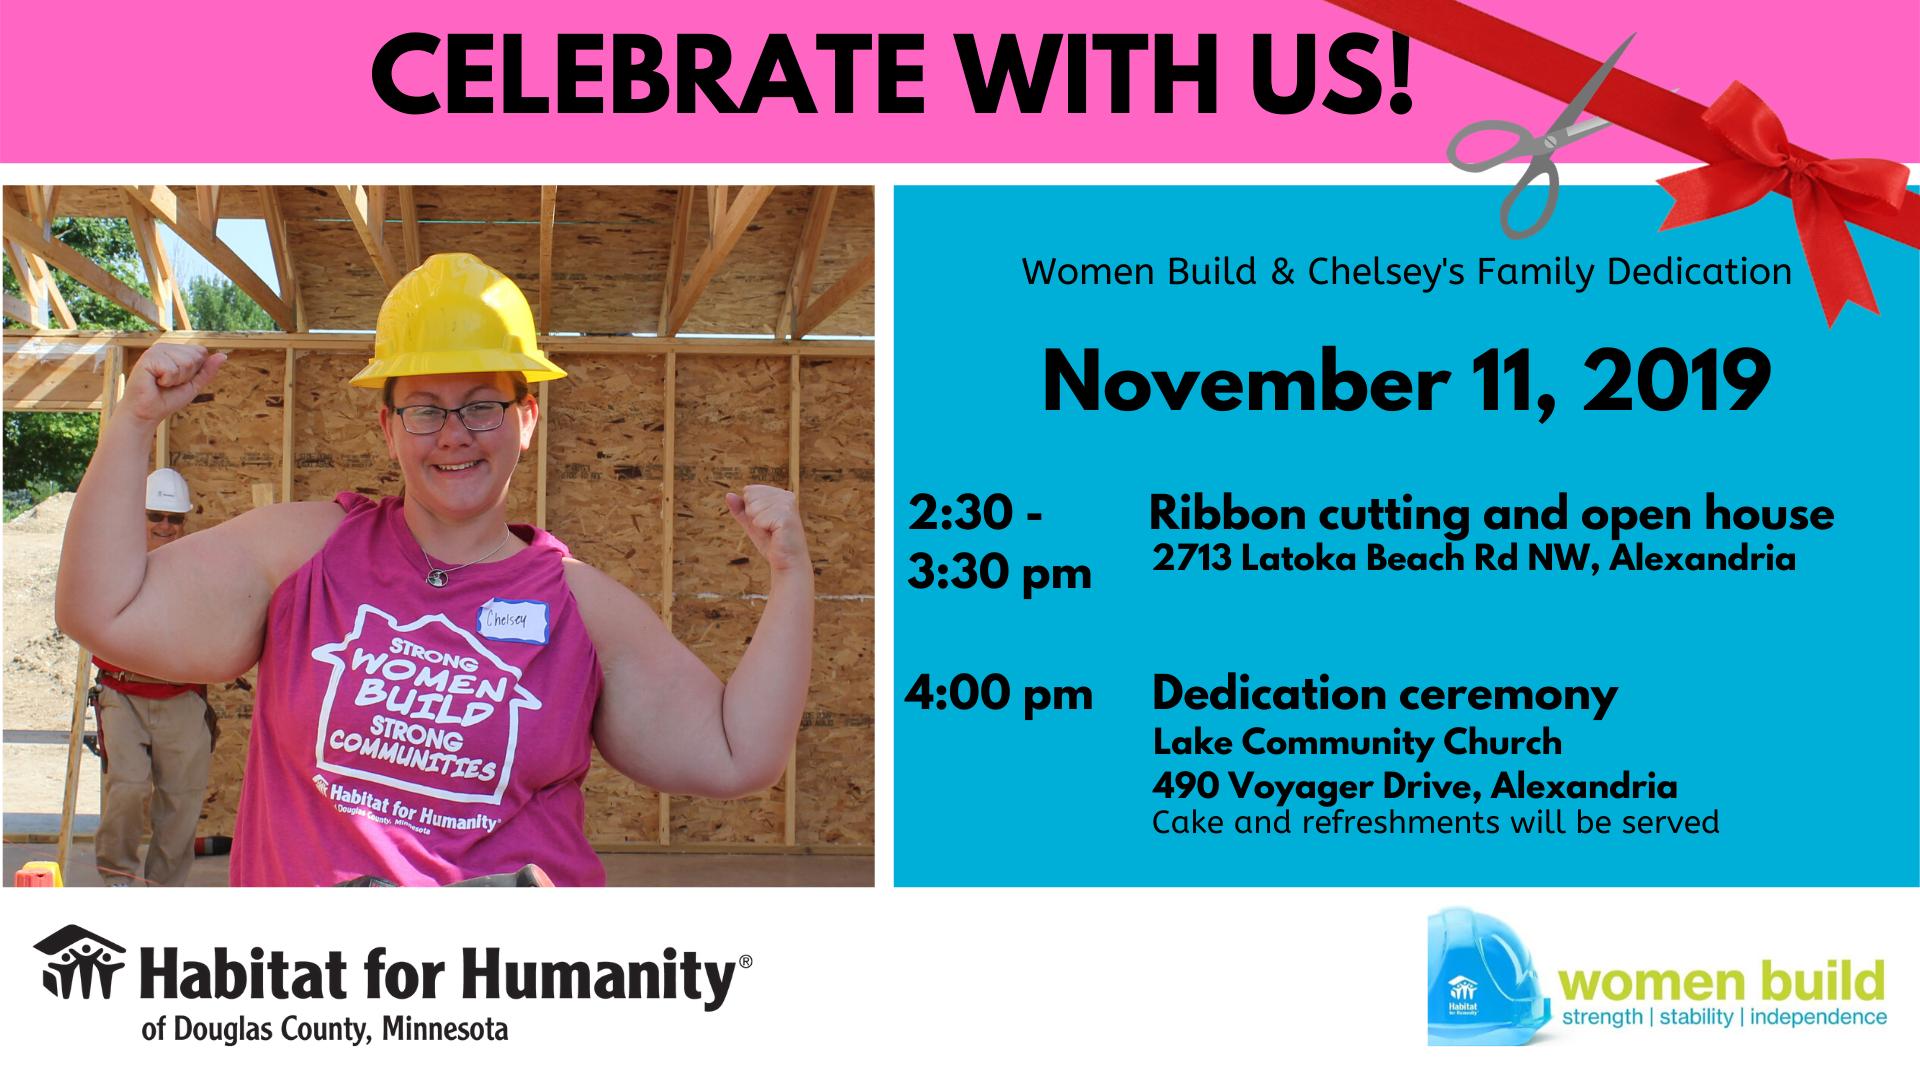 Women Build Dedication for Chelsey's home - Nov 11, 2019